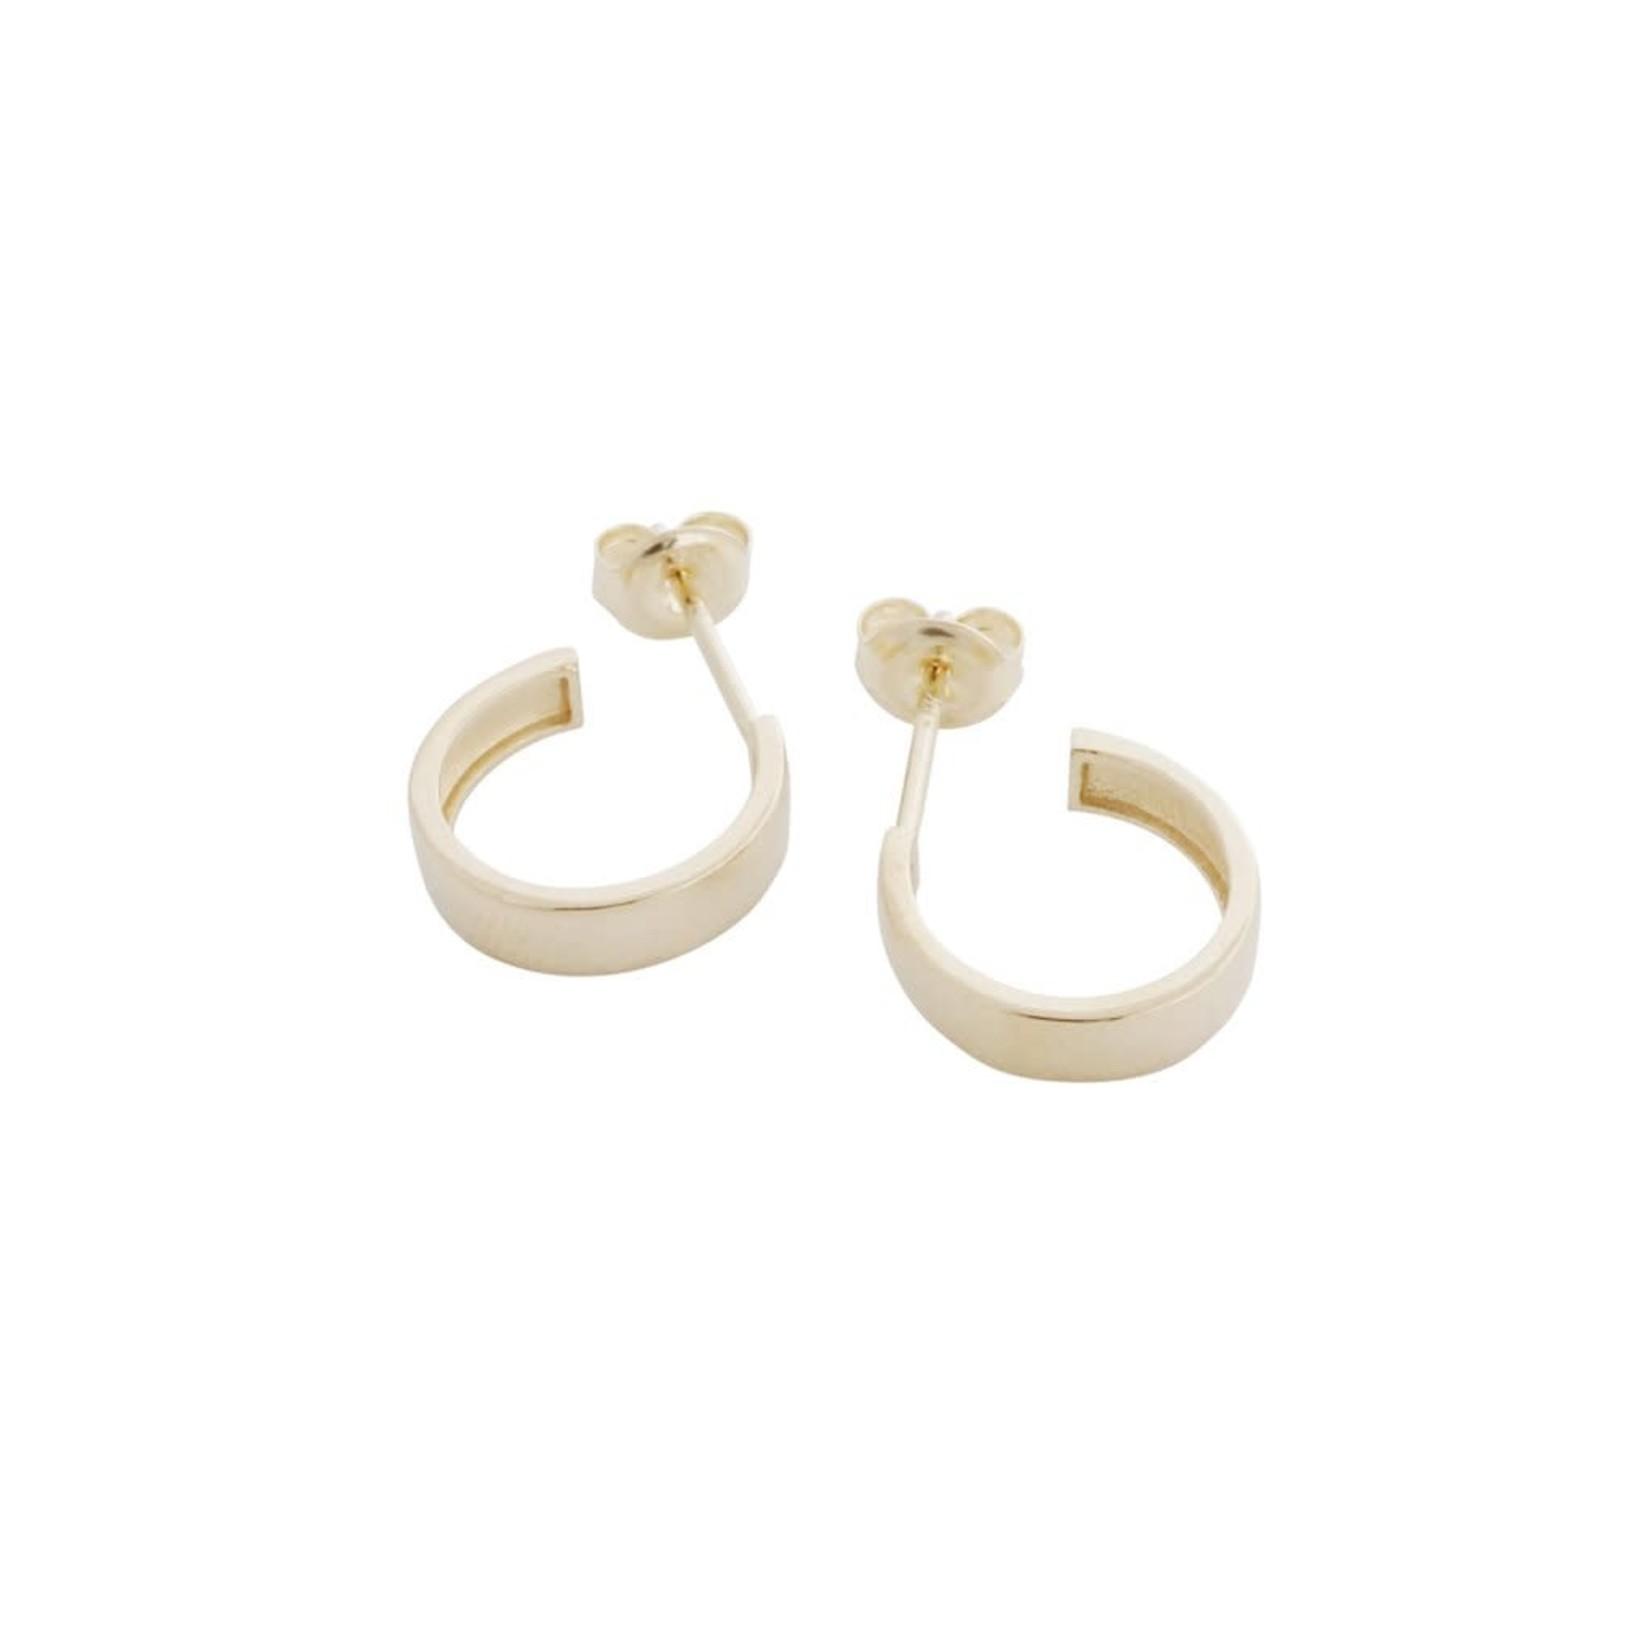 Honeycat Jewelry Honeycat Huggie Hoop 14K Earrings